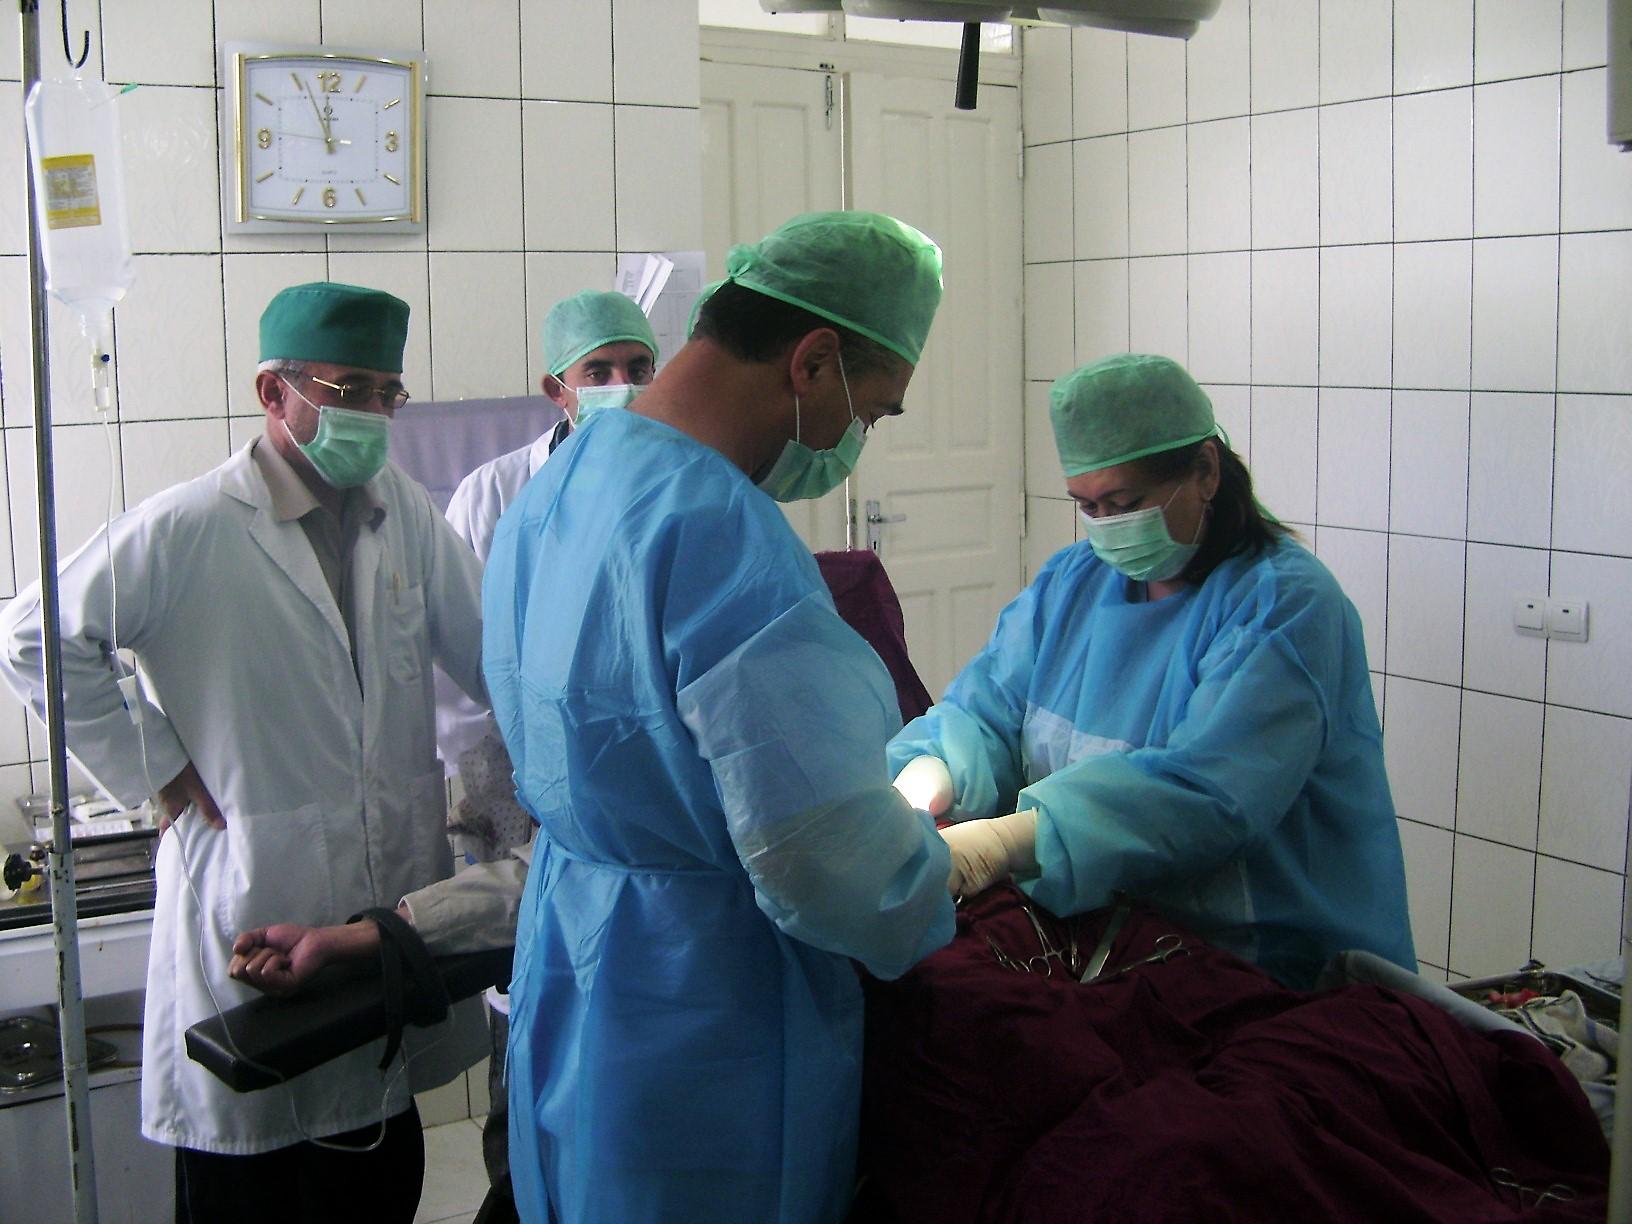 داکتران تاجیک خدمات صحی مهم را در نزدیکی مرز به افغان ها فراهم میکنند